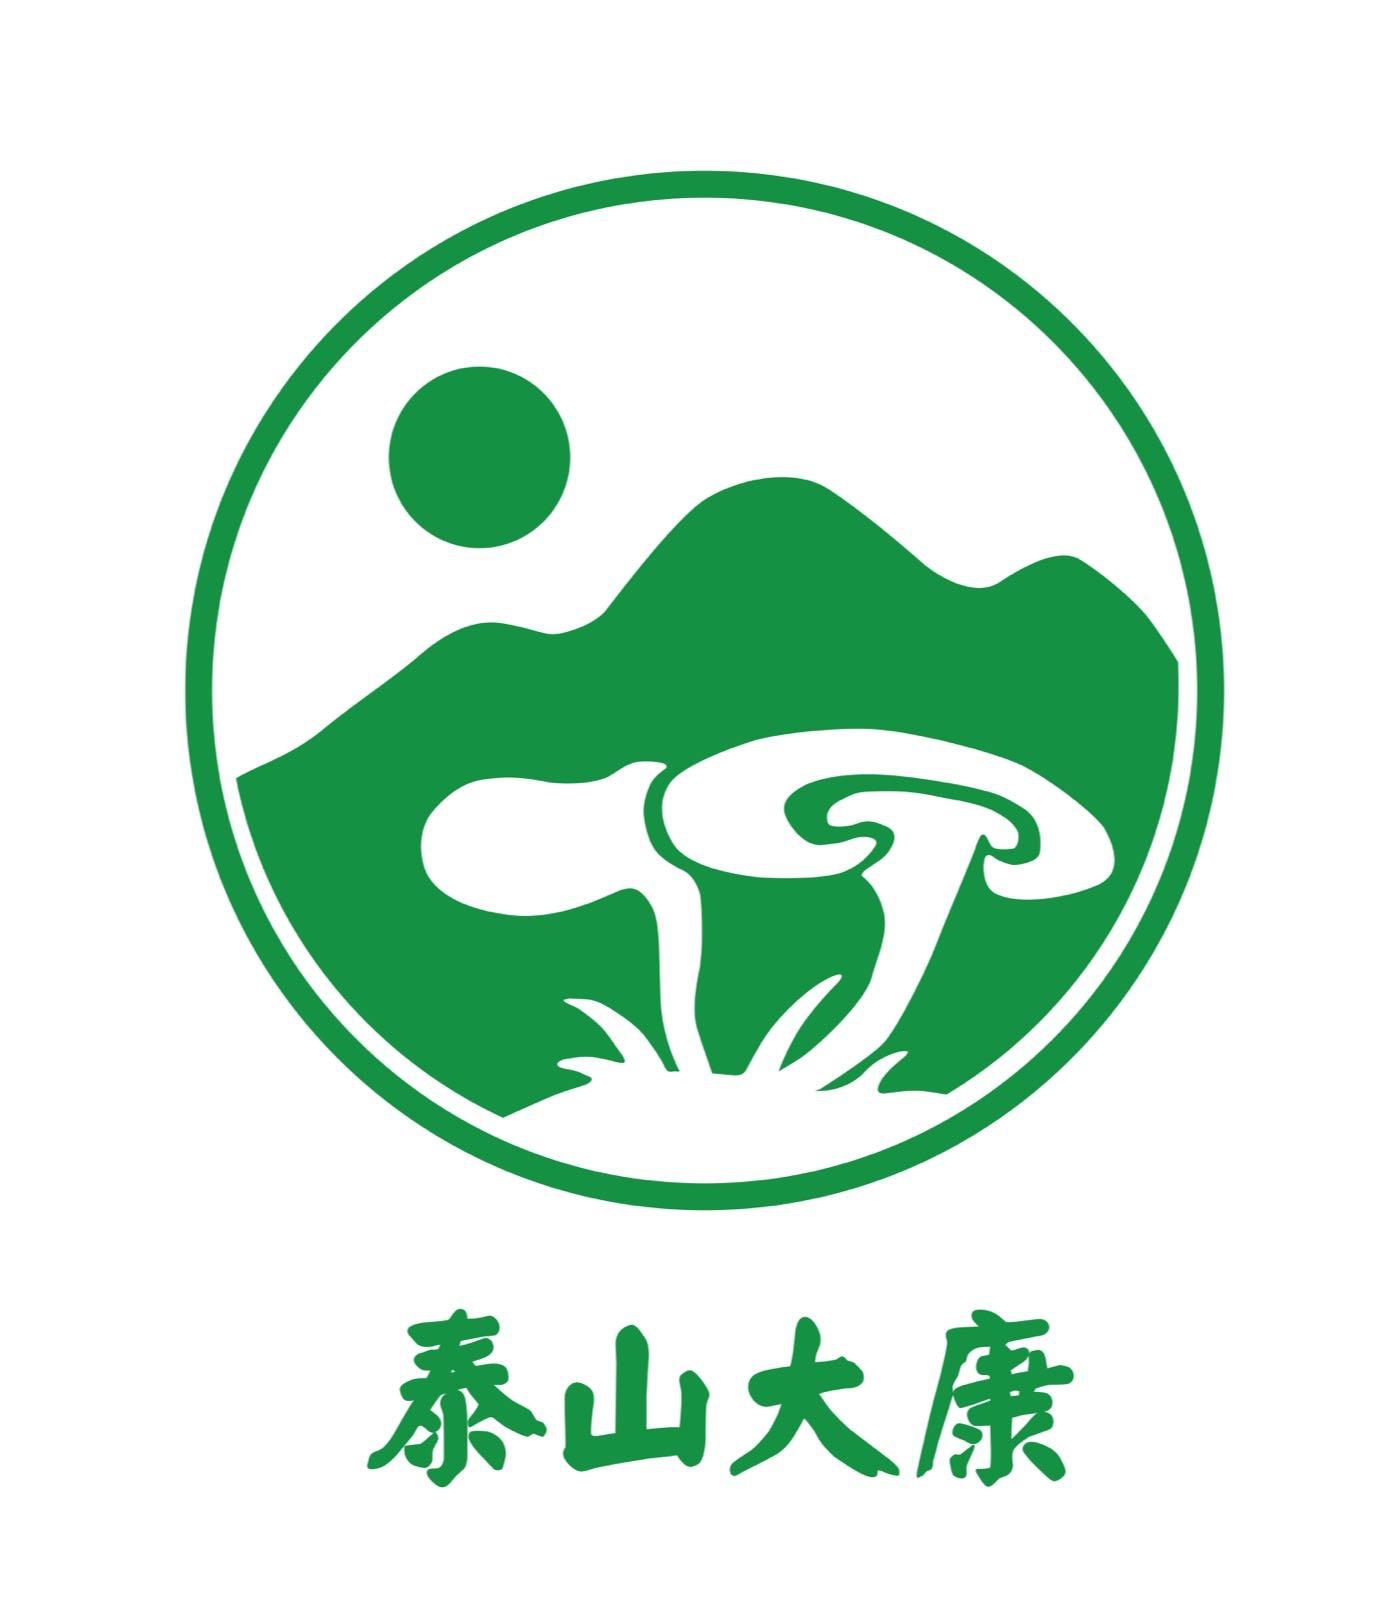 山东泰山大康生物科技有限公司